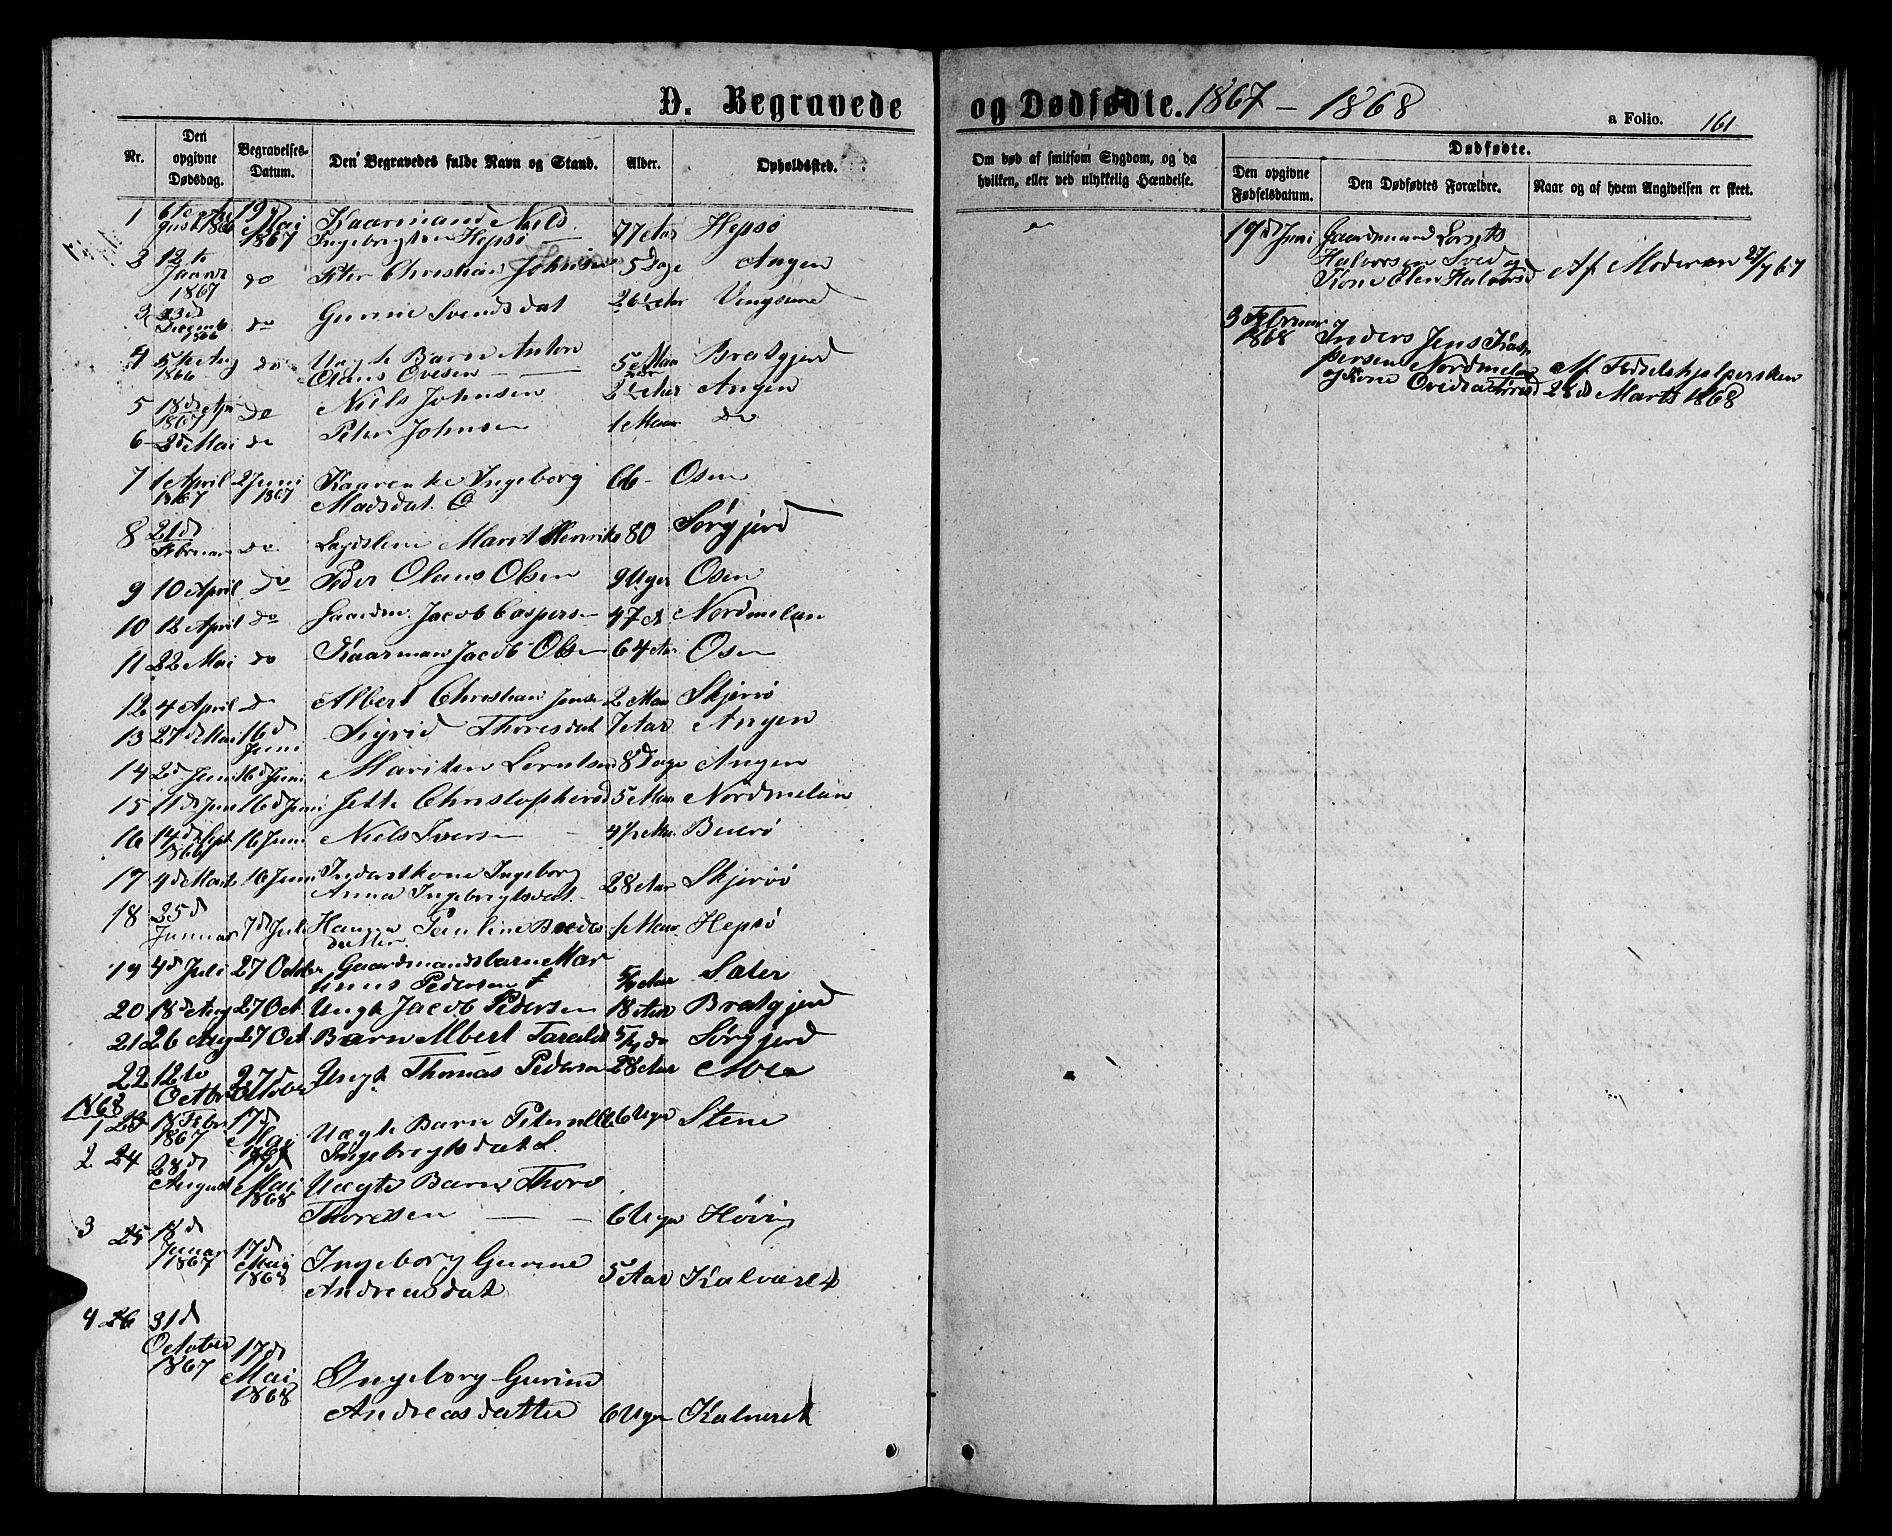 SAT, Ministerialprotokoller, klokkerbøker og fødselsregistre - Sør-Trøndelag, 658/L0725: Klokkerbok nr. 658C01, 1867-1882, s. 161